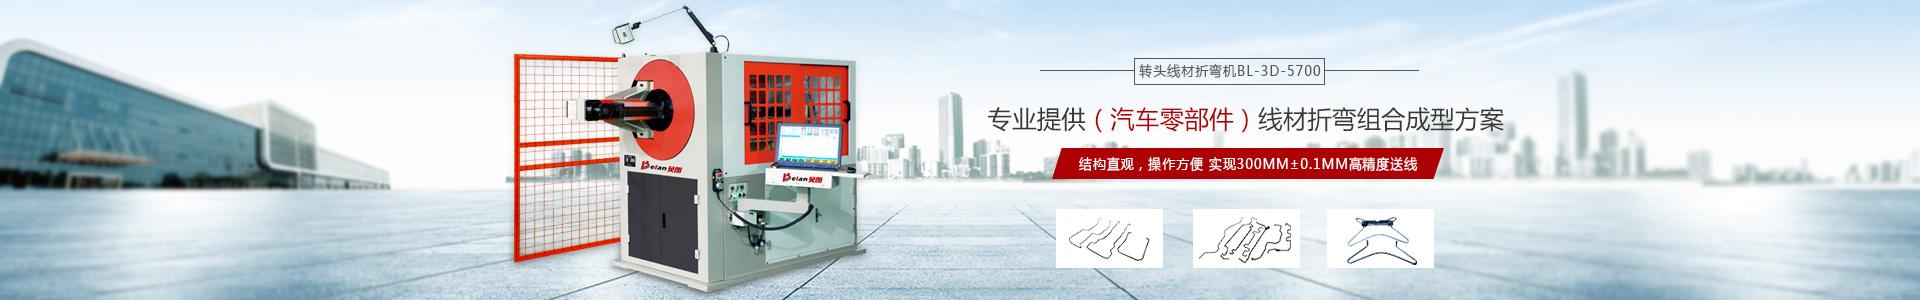 数控线材zhe弯机_线材成型机-东莞ag利来自donghua设备